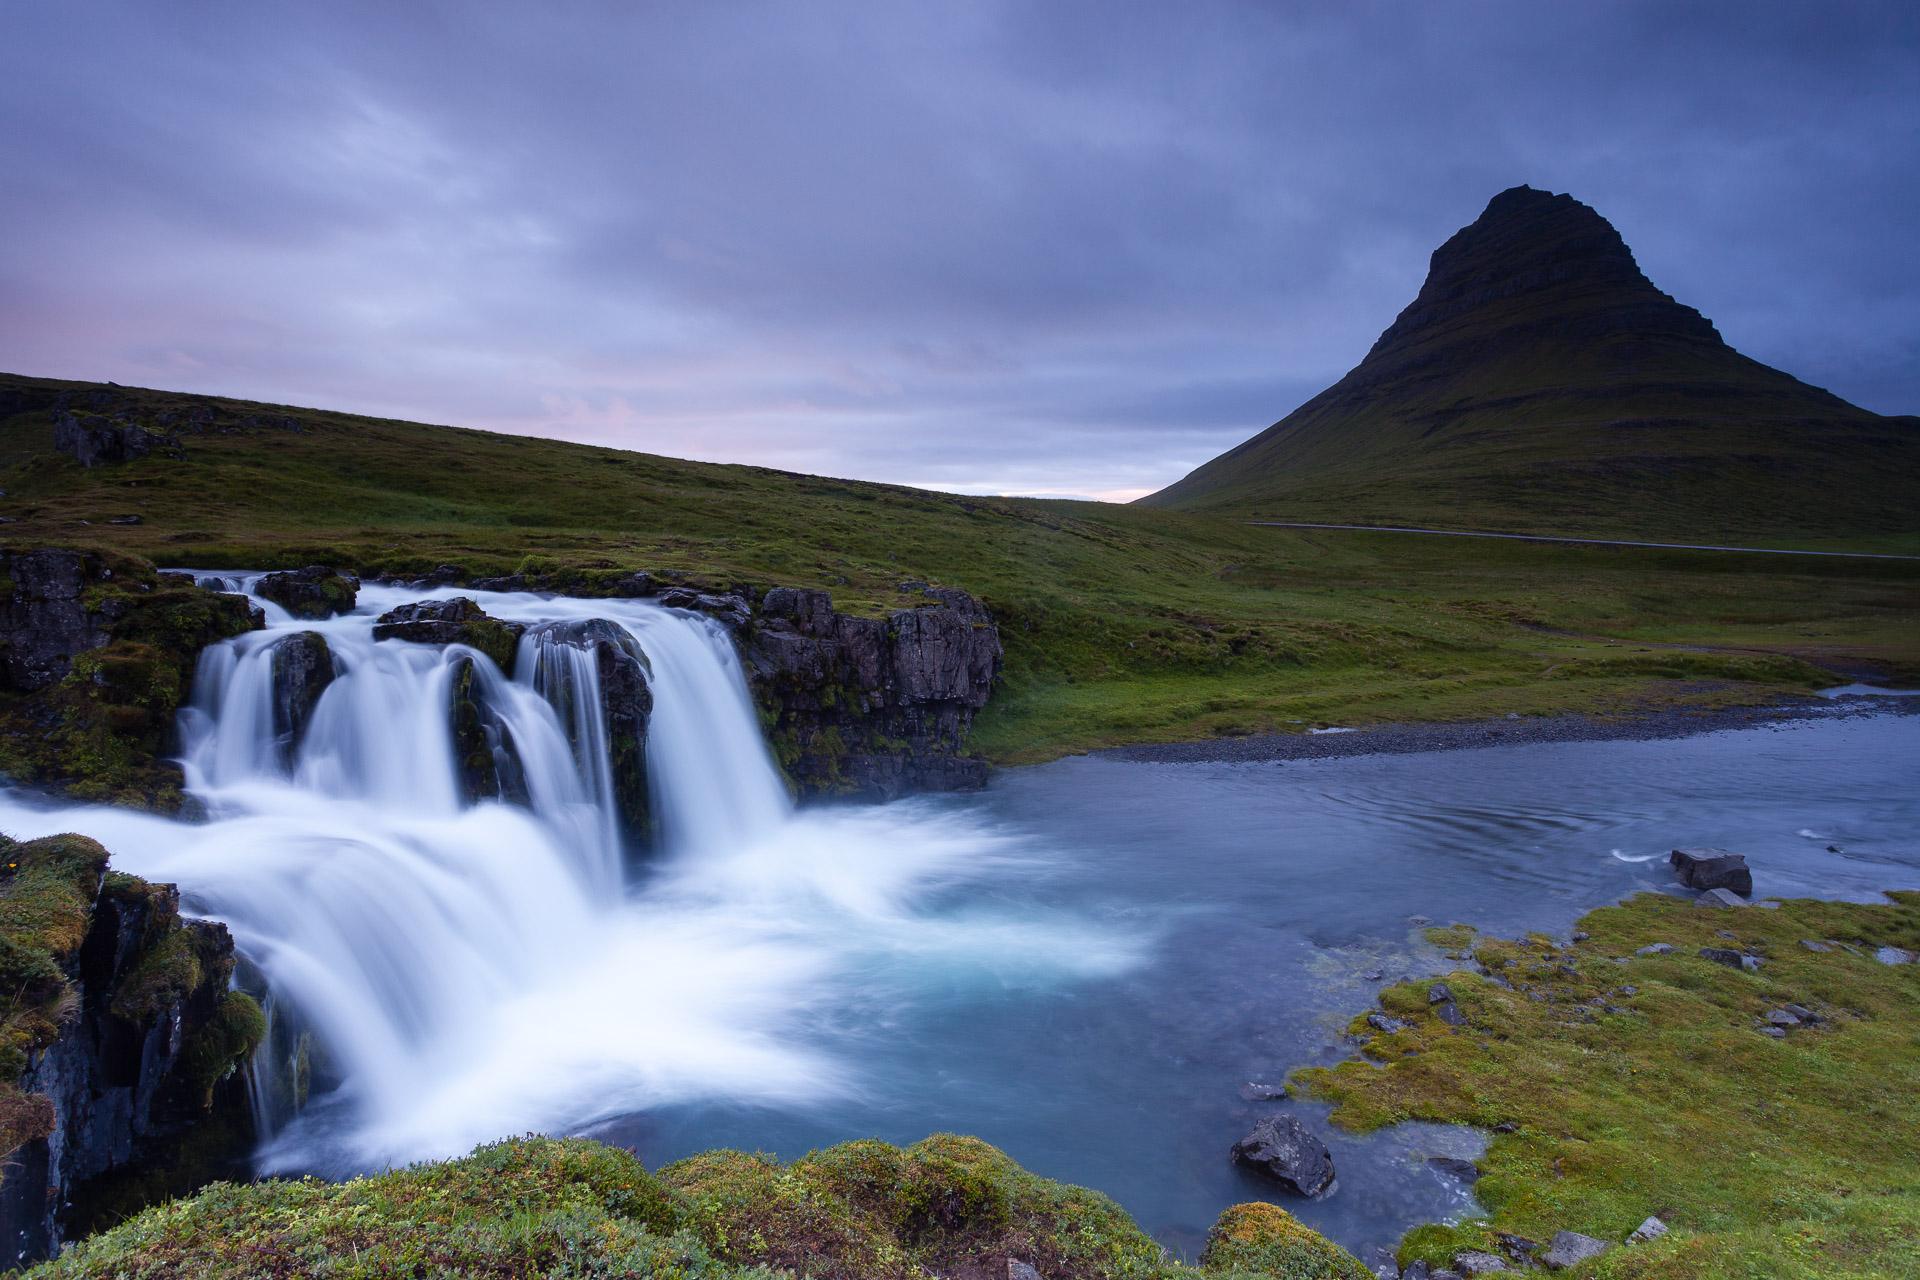 la cascade de Kirkjufell, dans le nord de l'Islande